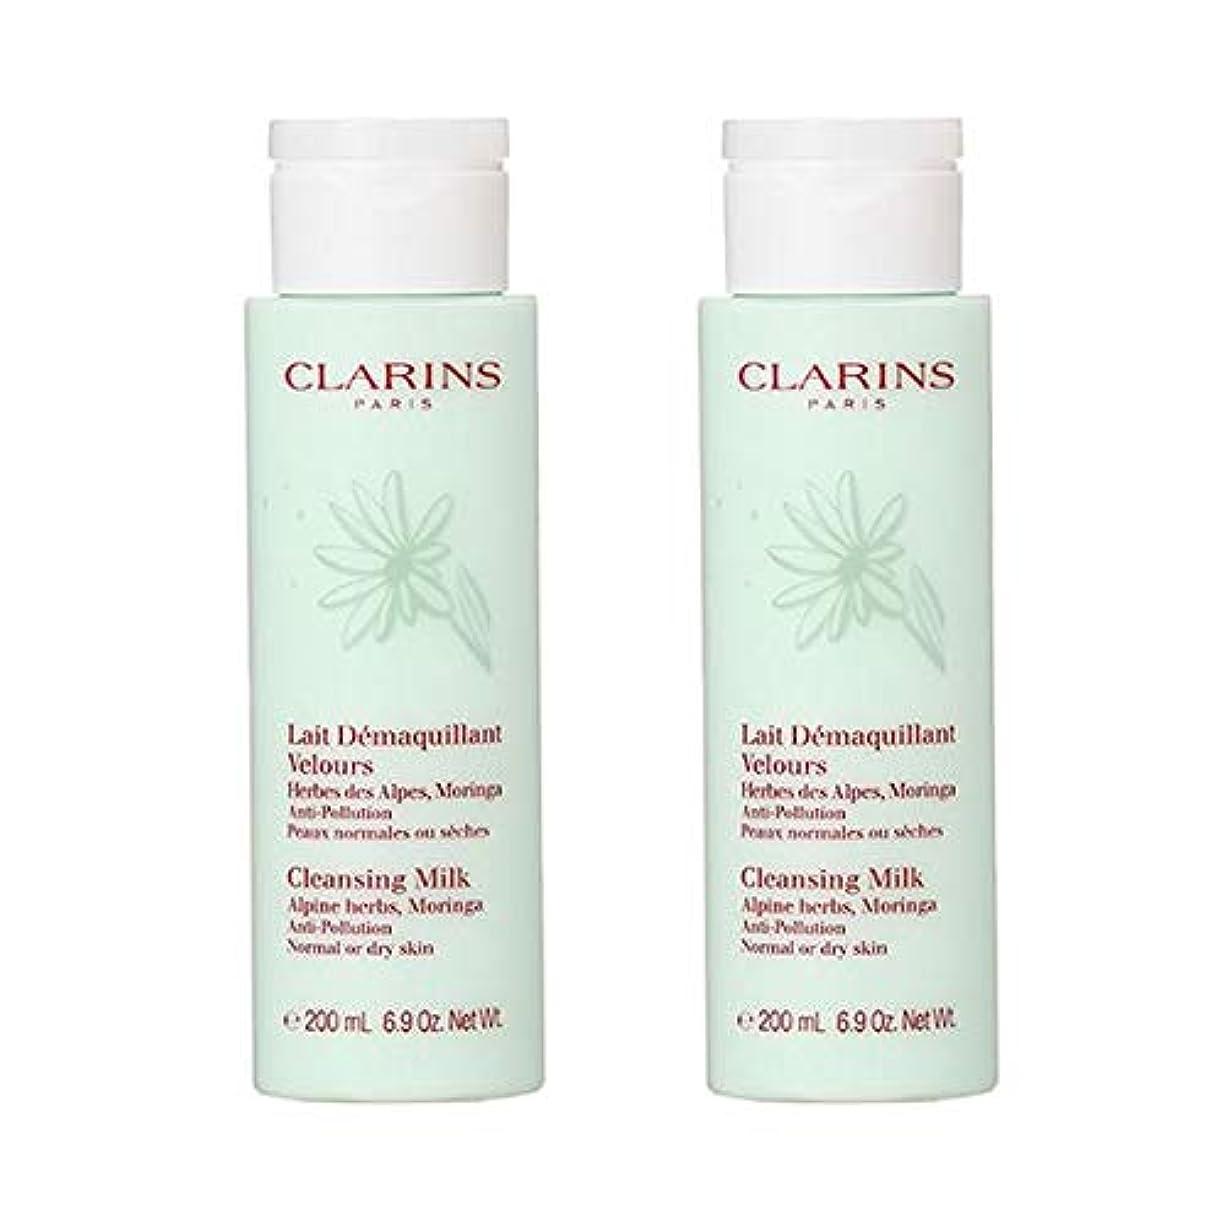 ほこりっぽいインスタンス悲観的【セット】クラランス CLARINS クレンジングミルク ドライ/ノーマル 200mL 2個セット [並行輸入品]